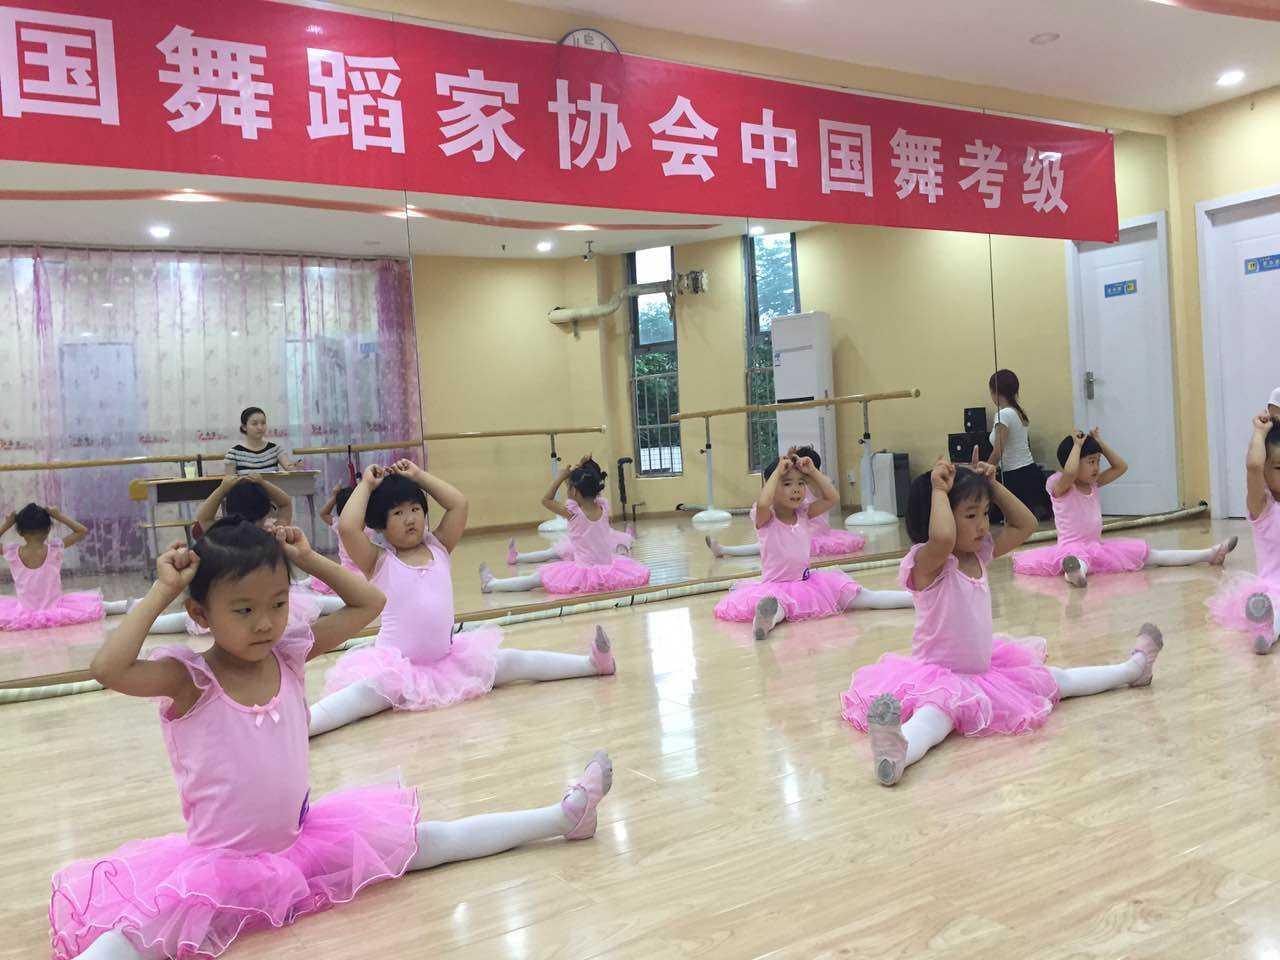 三水舞蹈婧姿舞蹈中心少儿中国舞培训考级